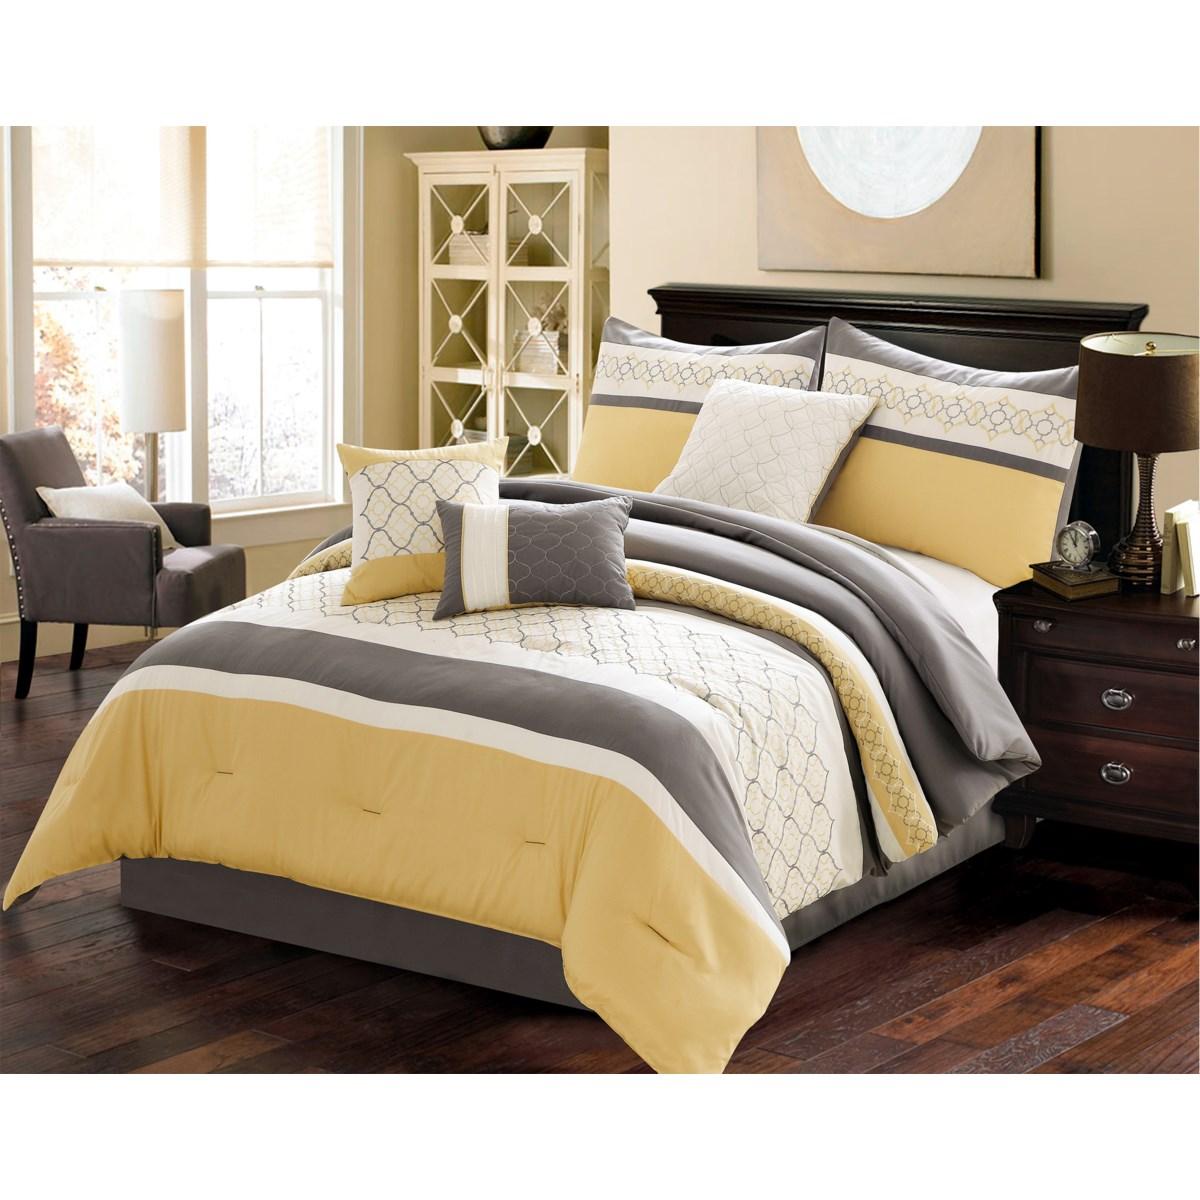 Vermont 7 pc Queen Comforter Set